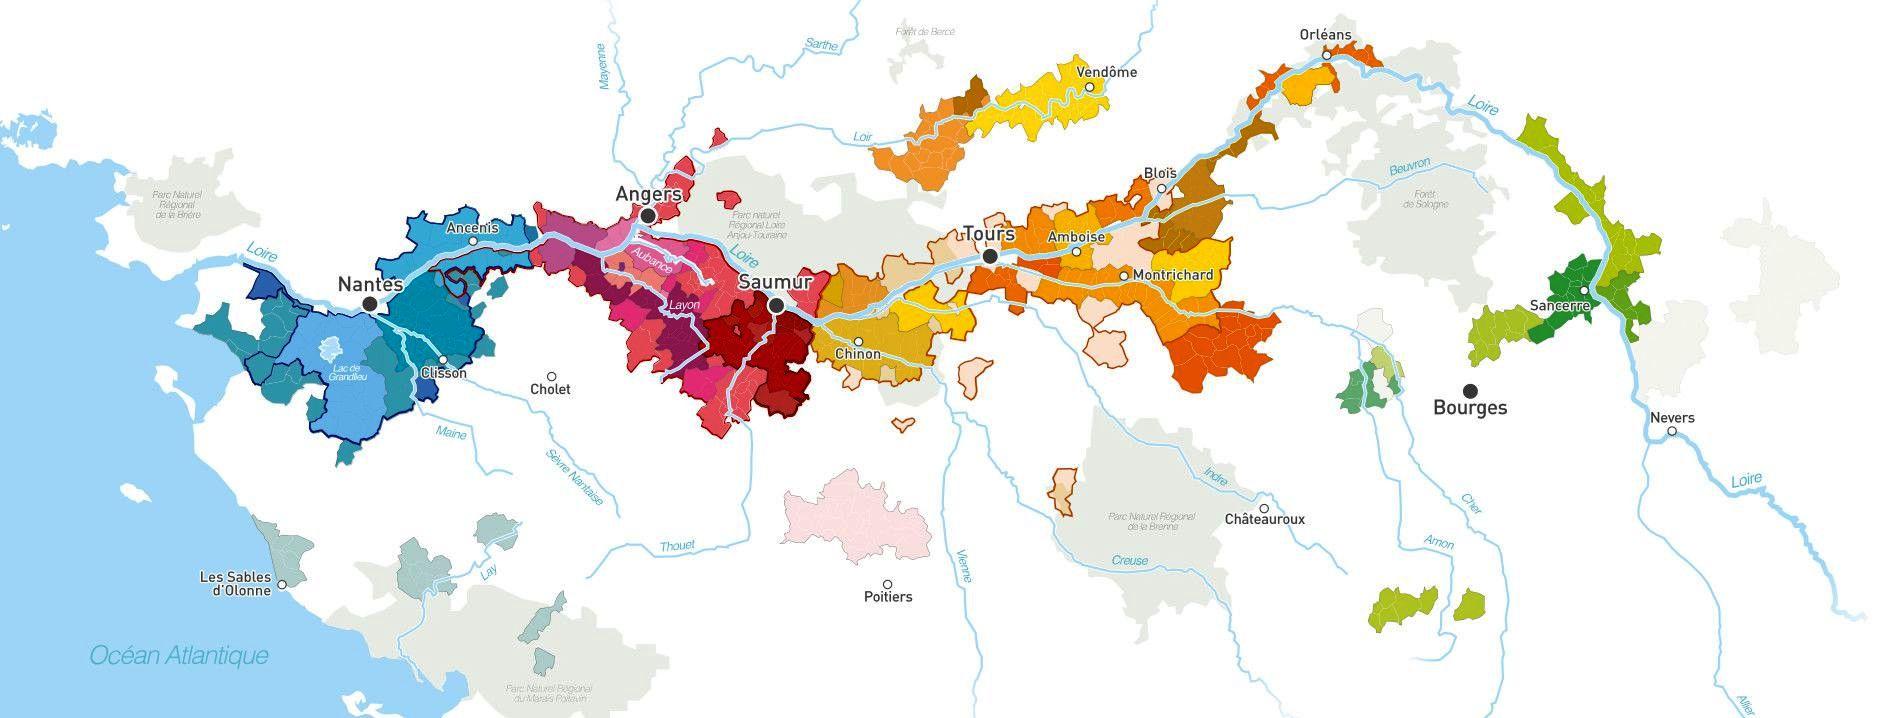 Vini Loira